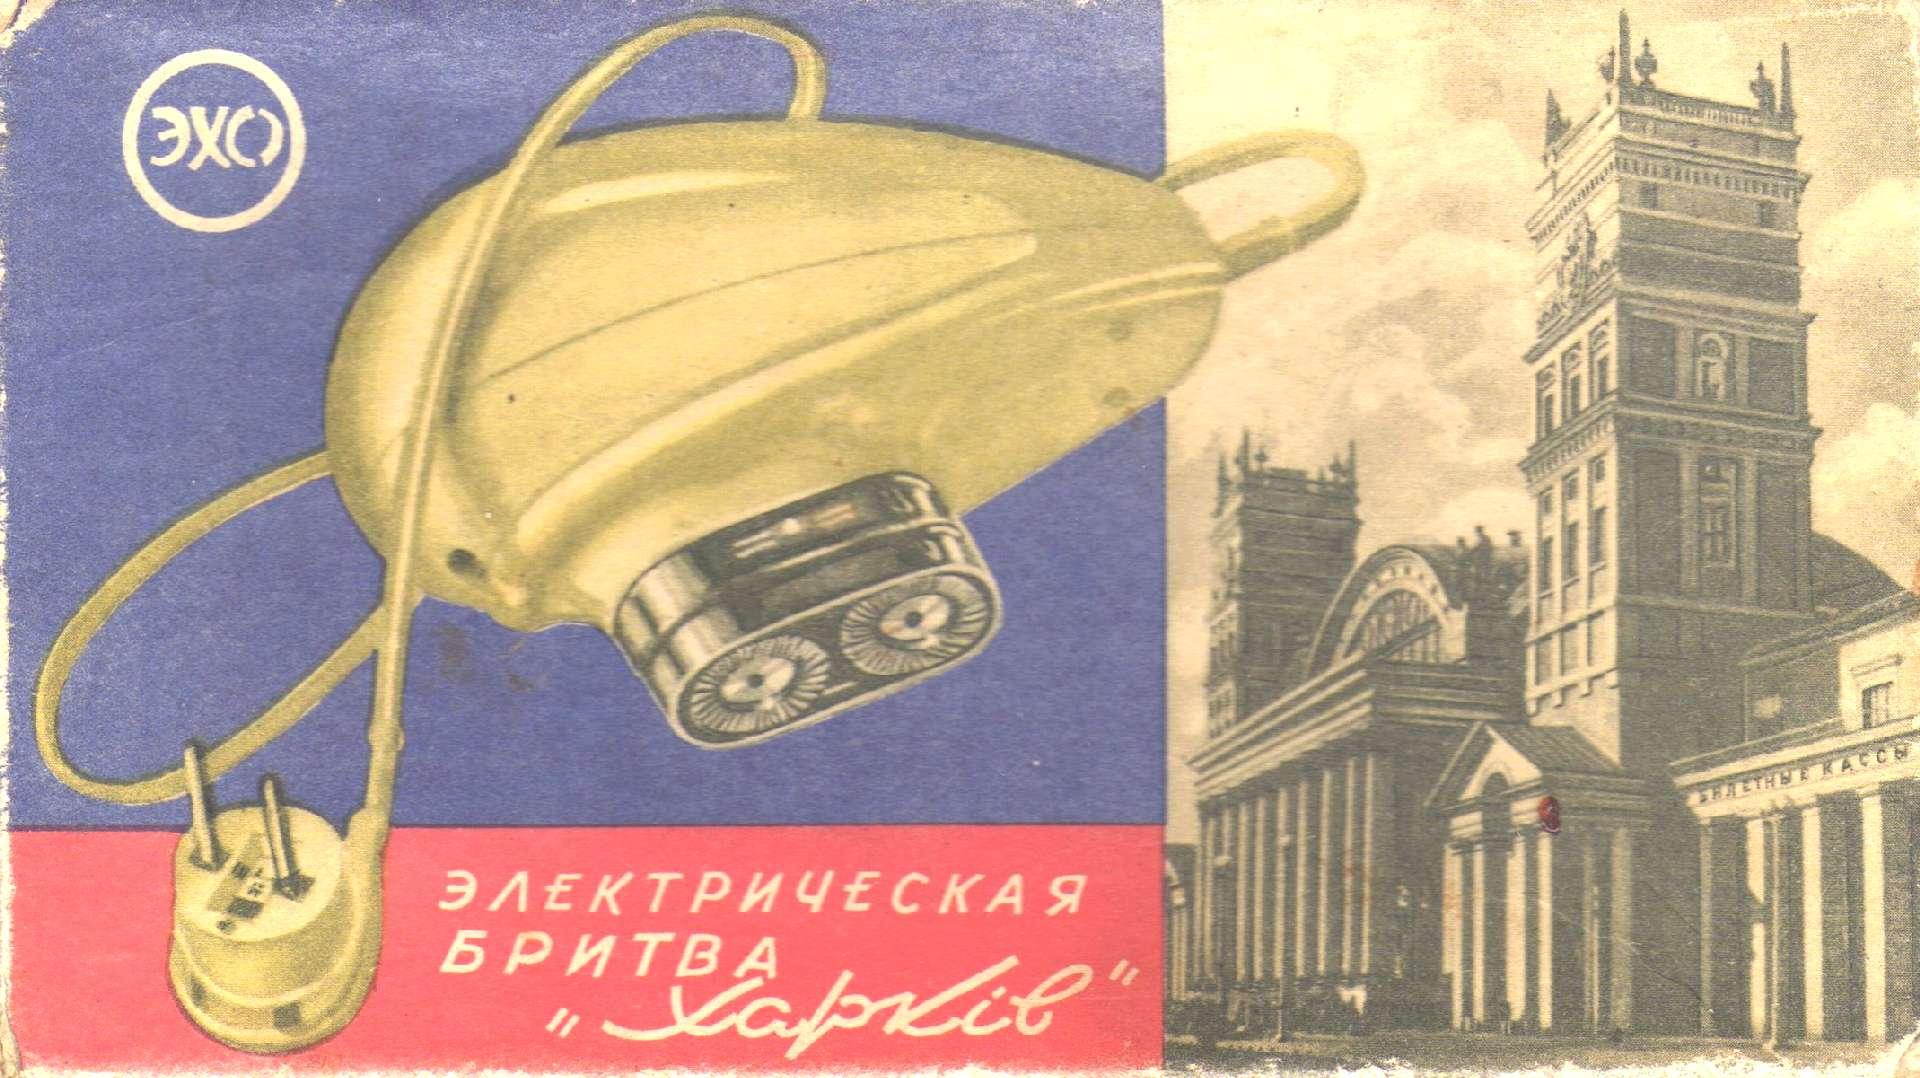 Электрическая бритва Харьков. Описание и правила пользования